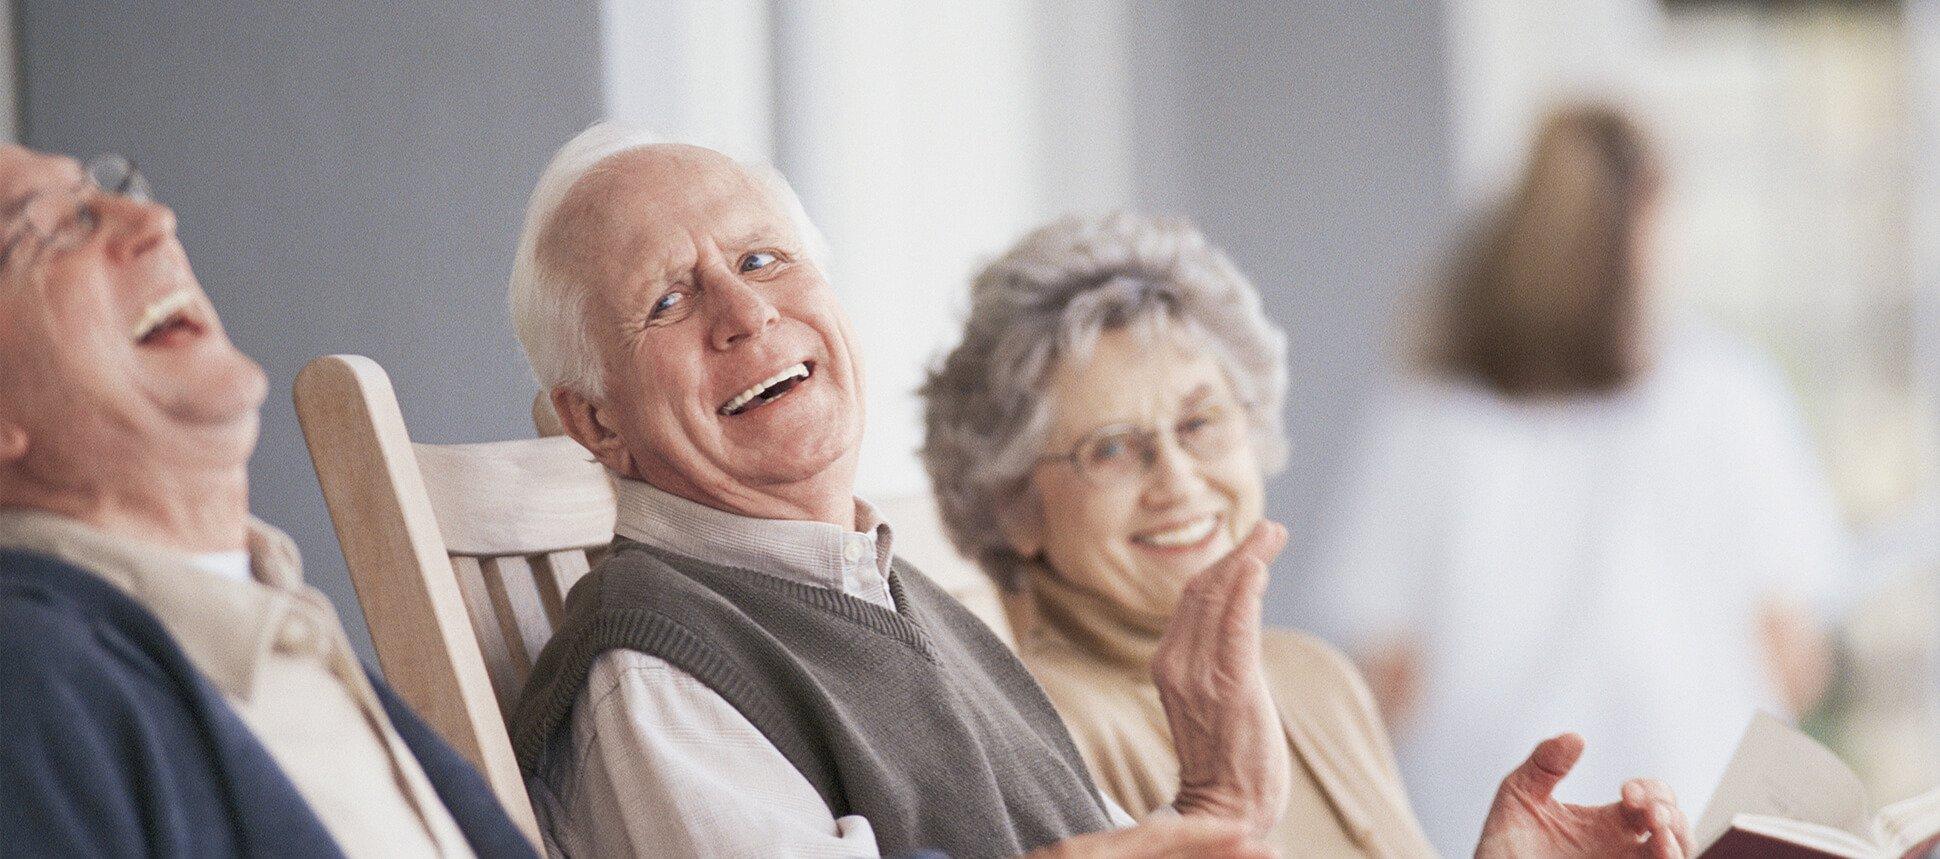 tre persone anziane mentre ridono